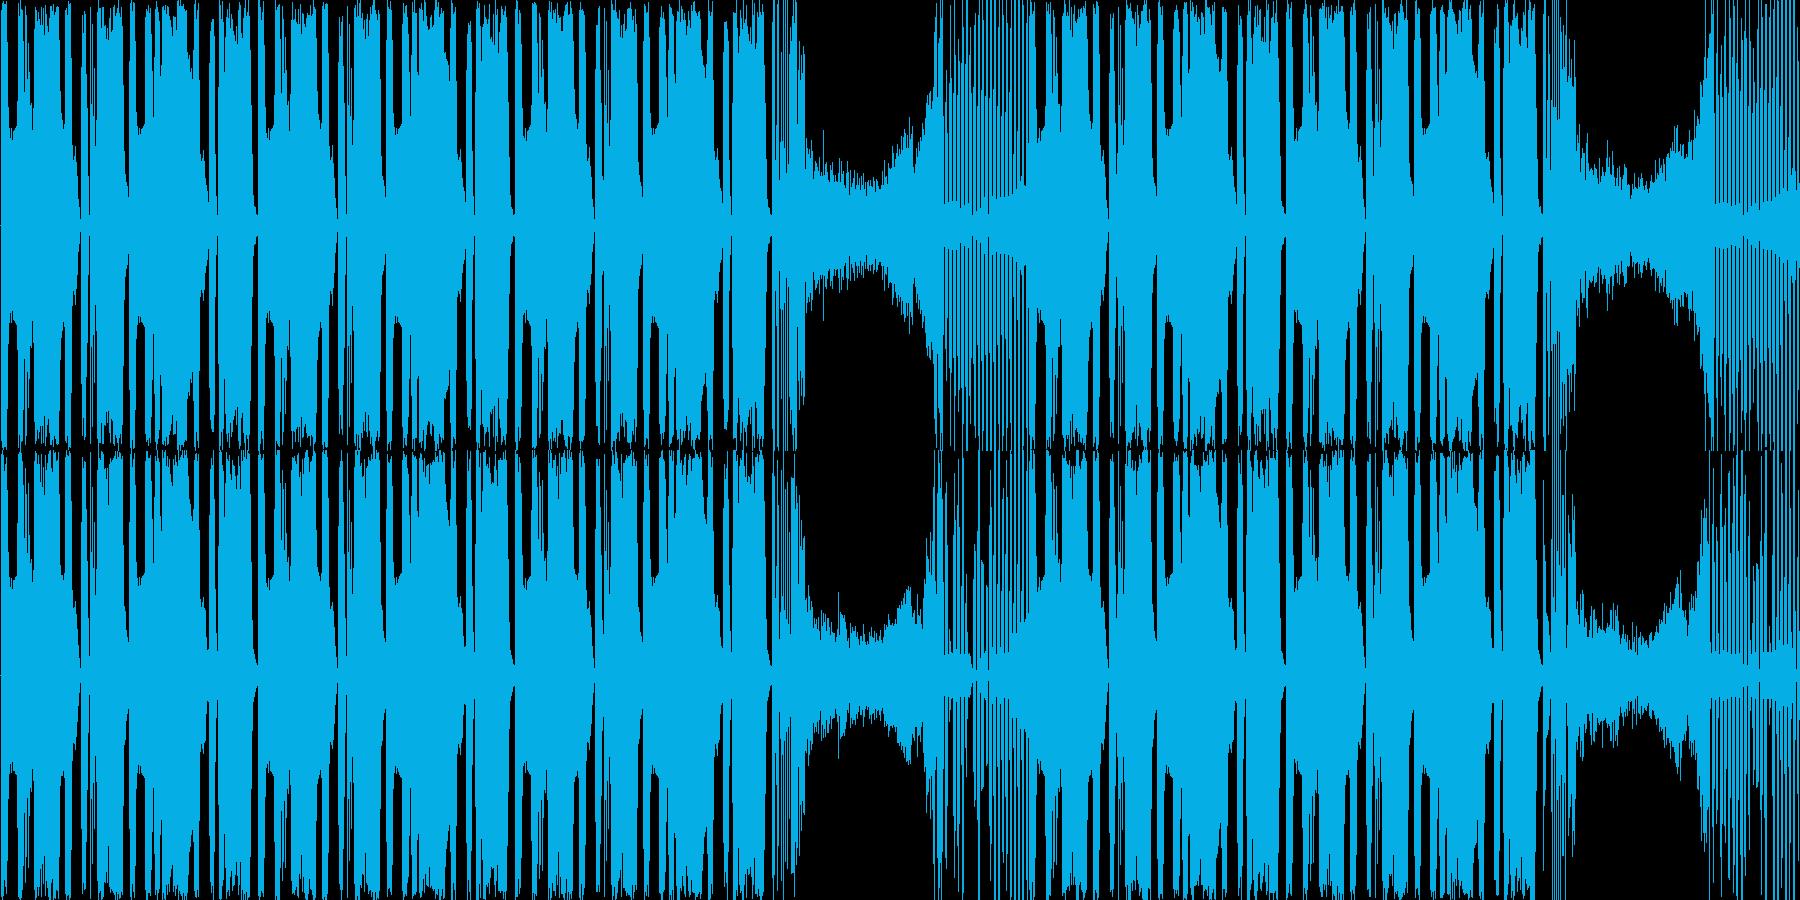 【サイバー/IDM/エレクトロニカ】の再生済みの波形